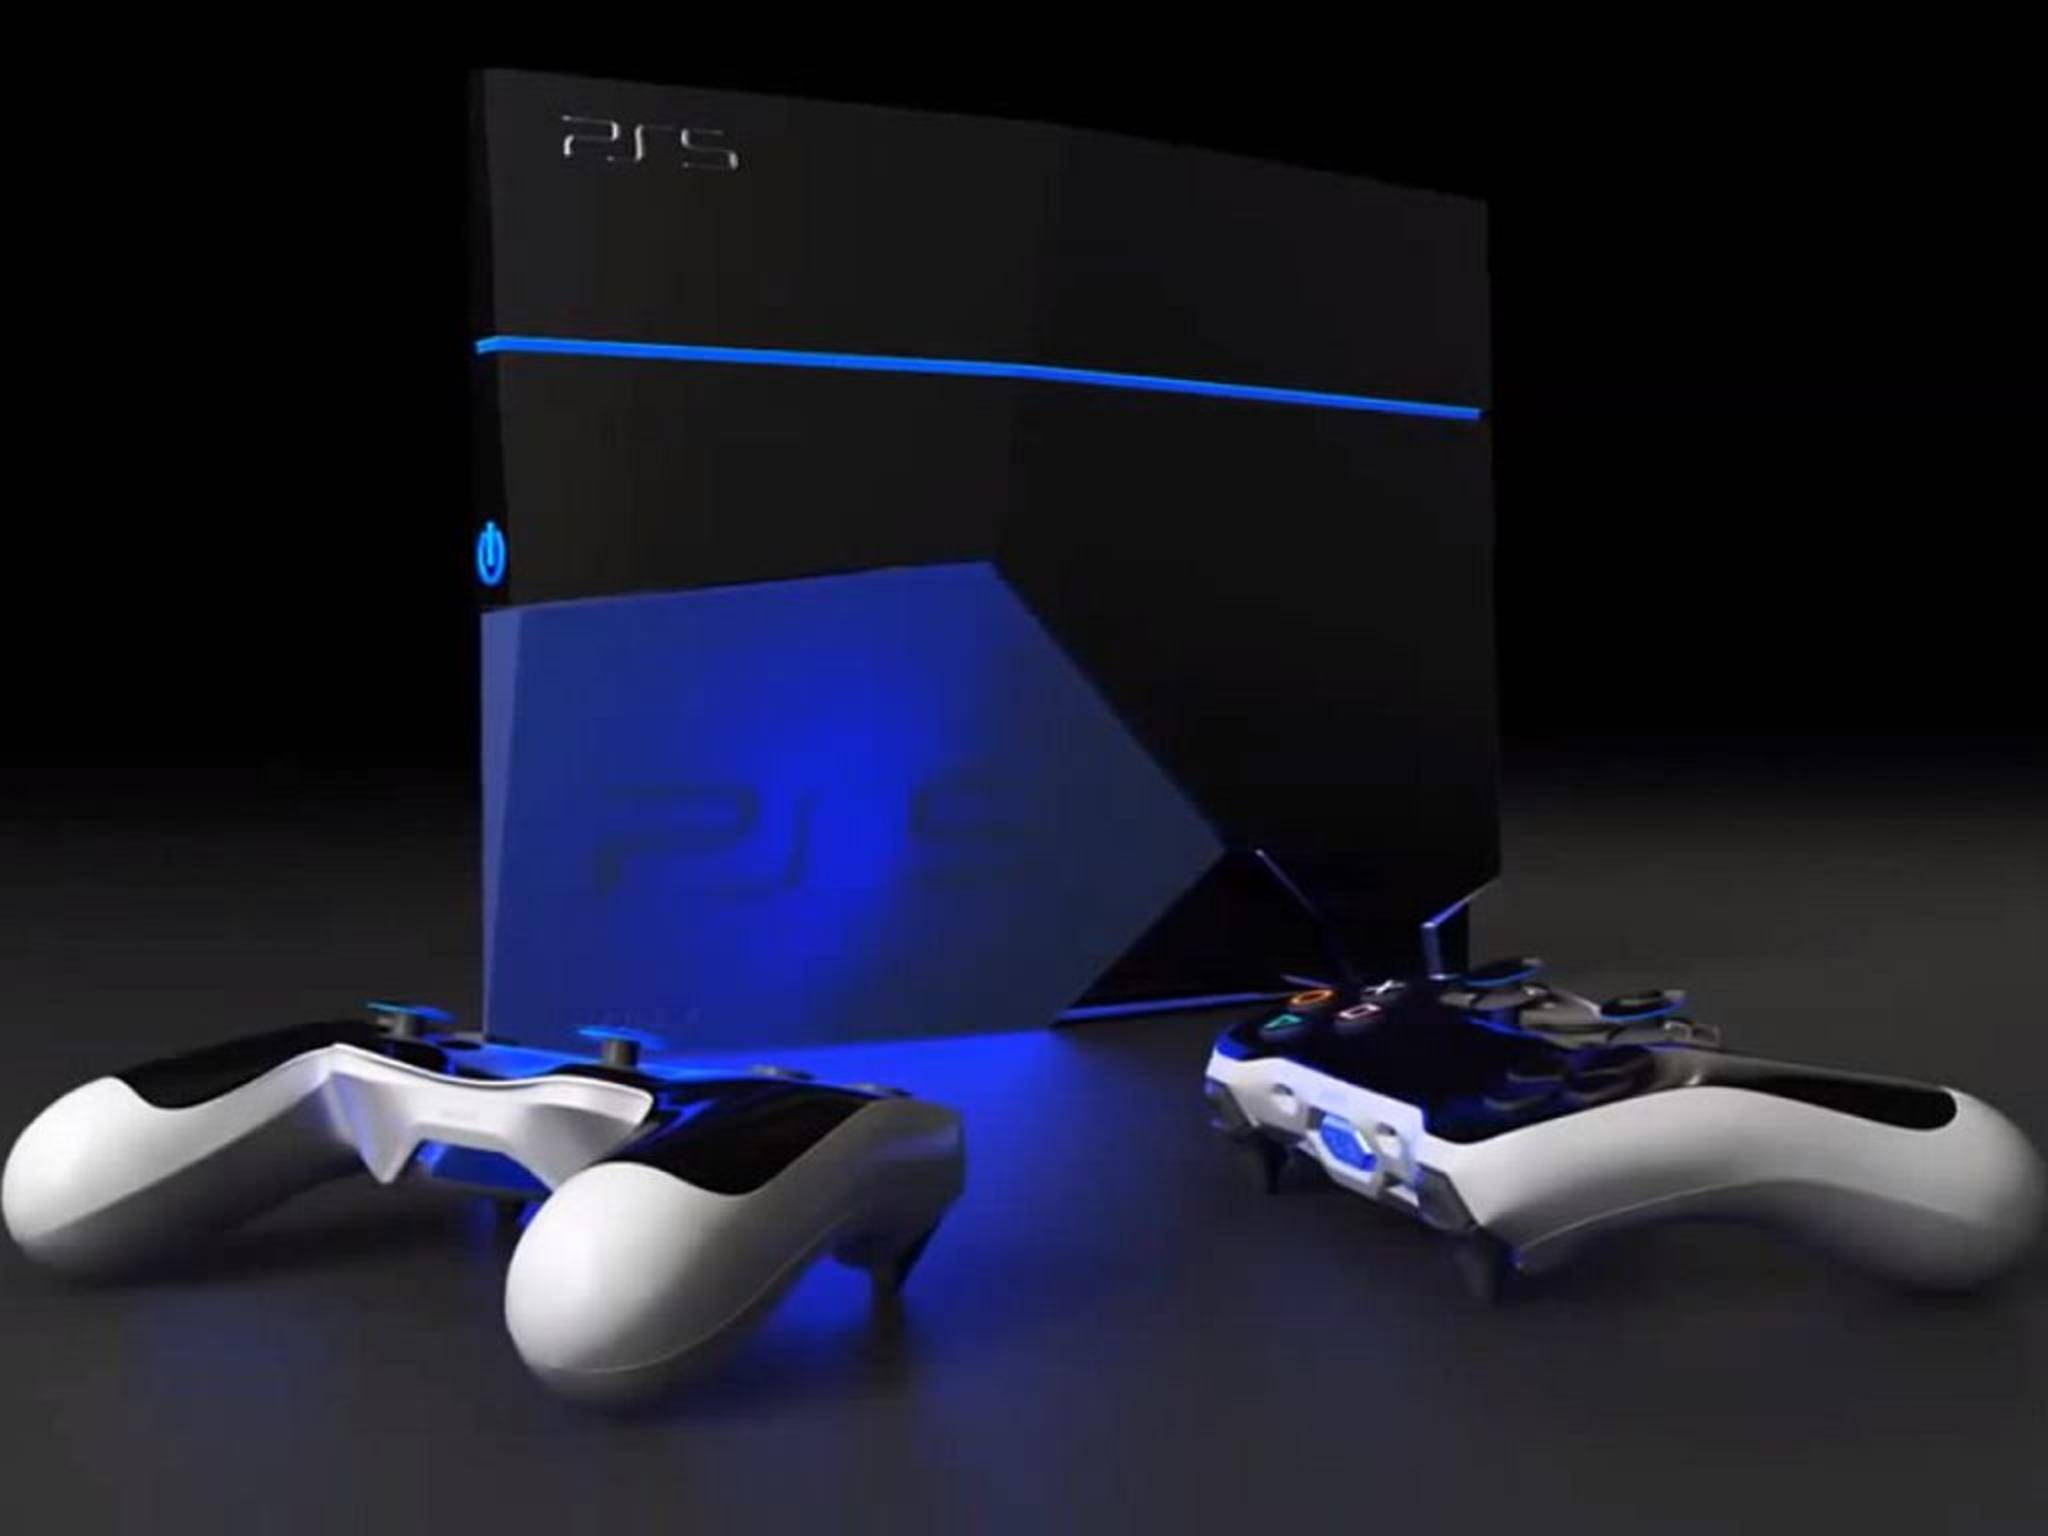 Konzeptbild: Könnte die PlayStation 5 so aussehen?